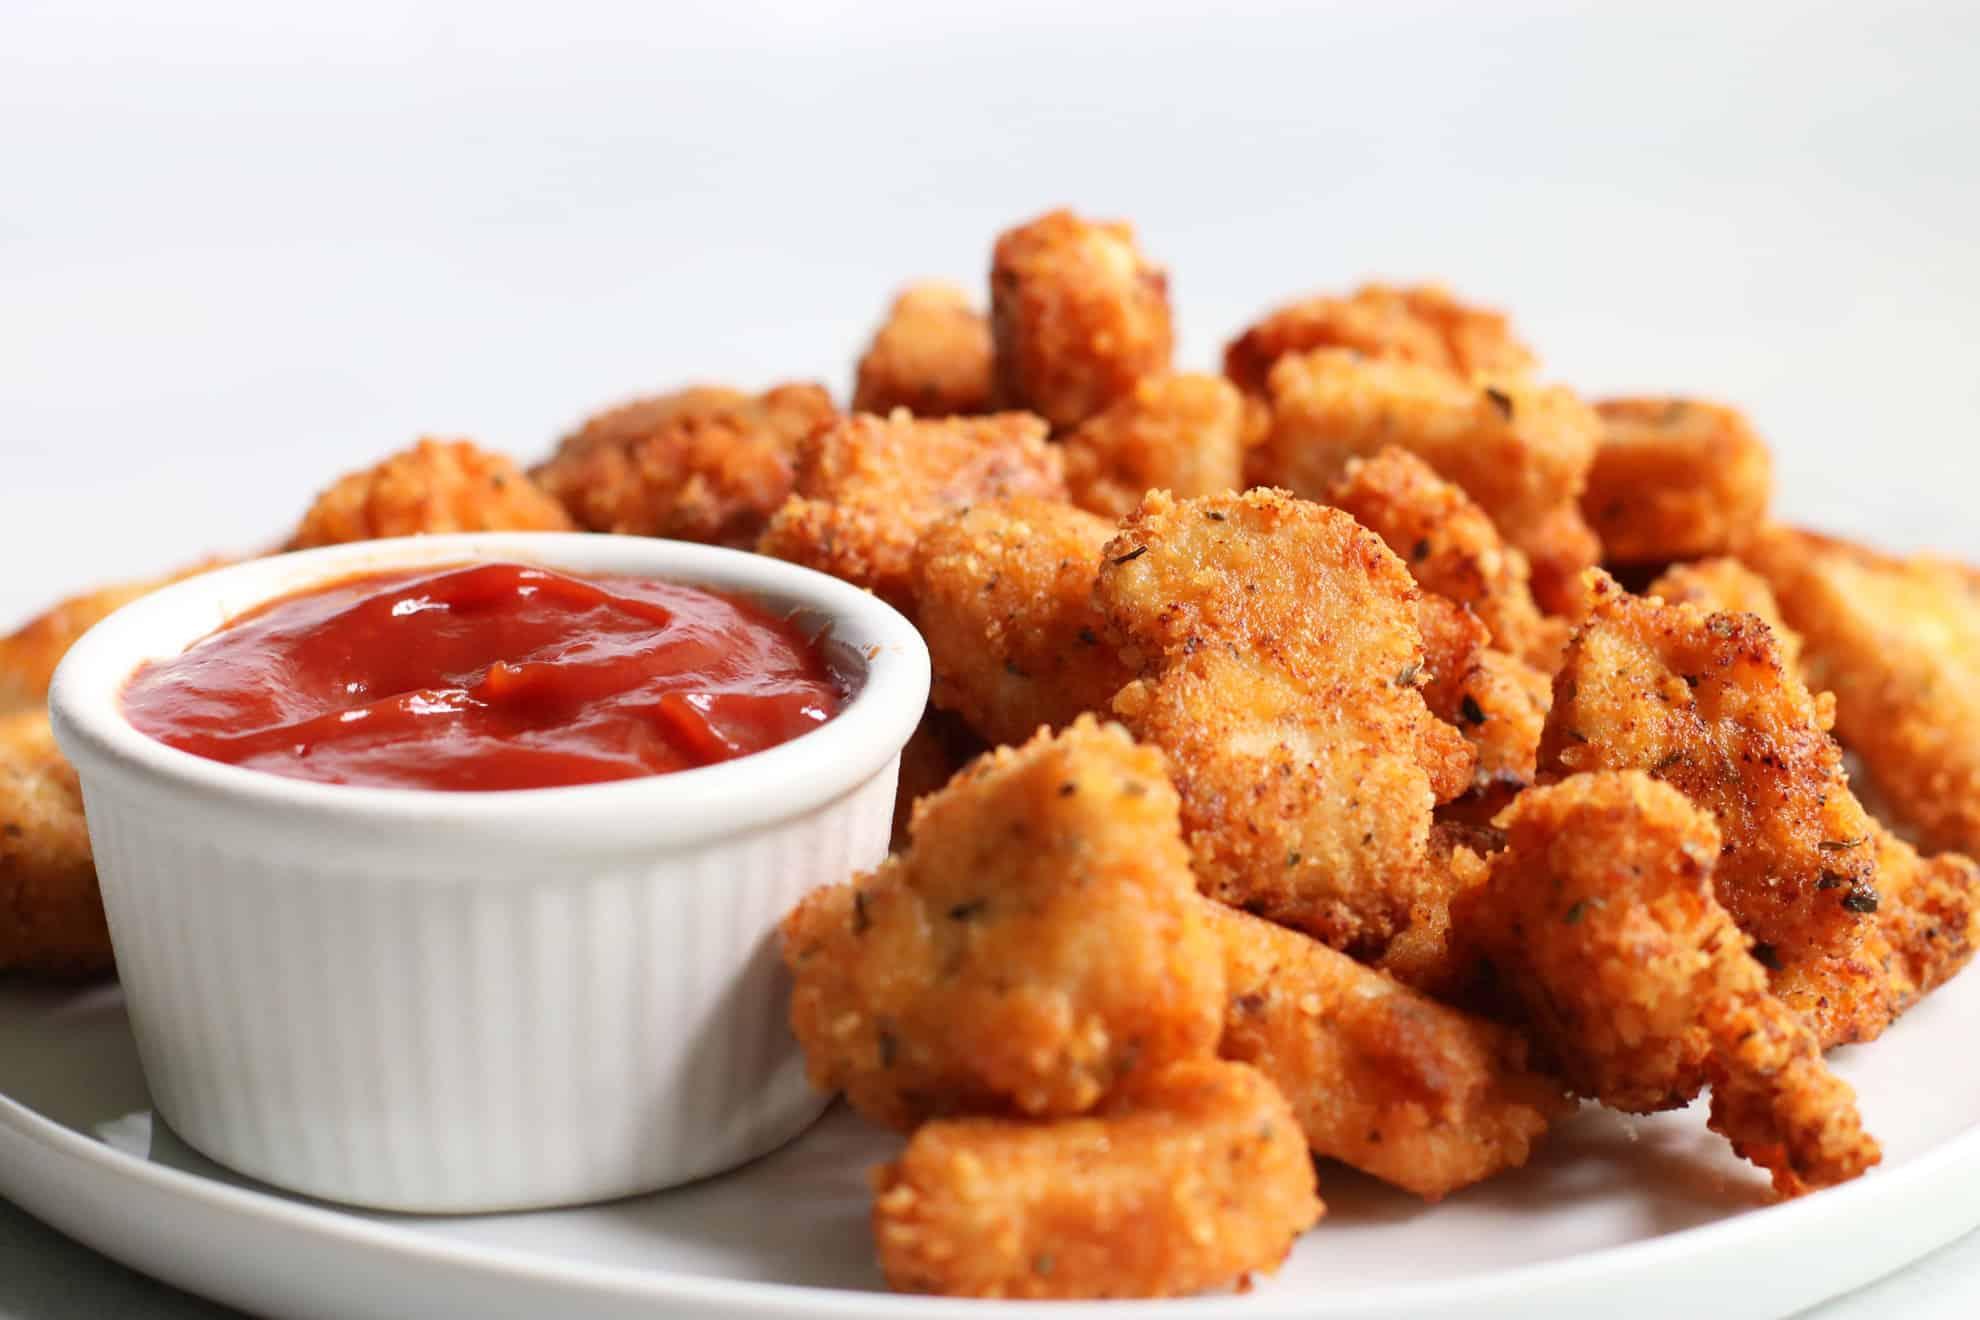 The best chicken nuggets